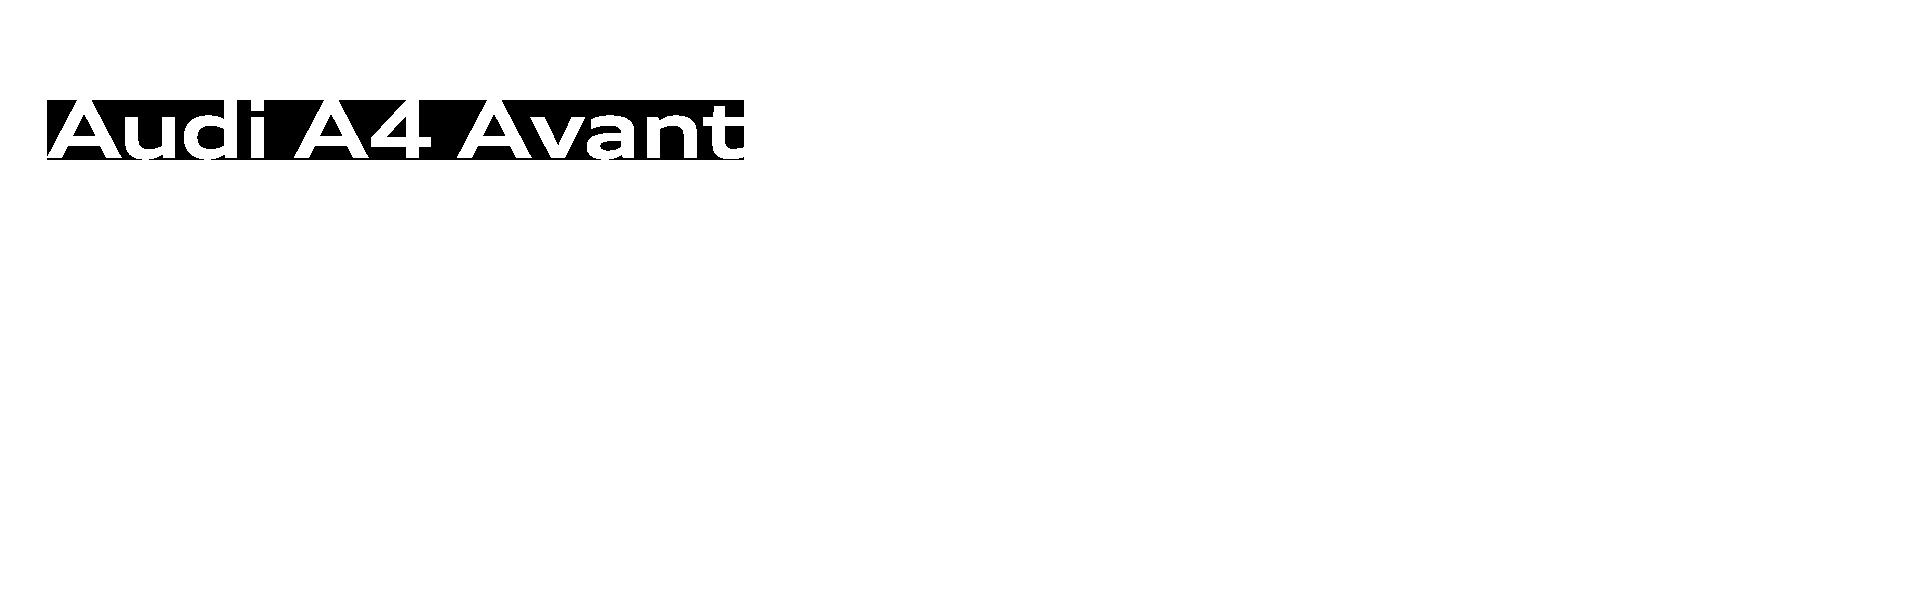 Audi-A4-Avant-Start-texto